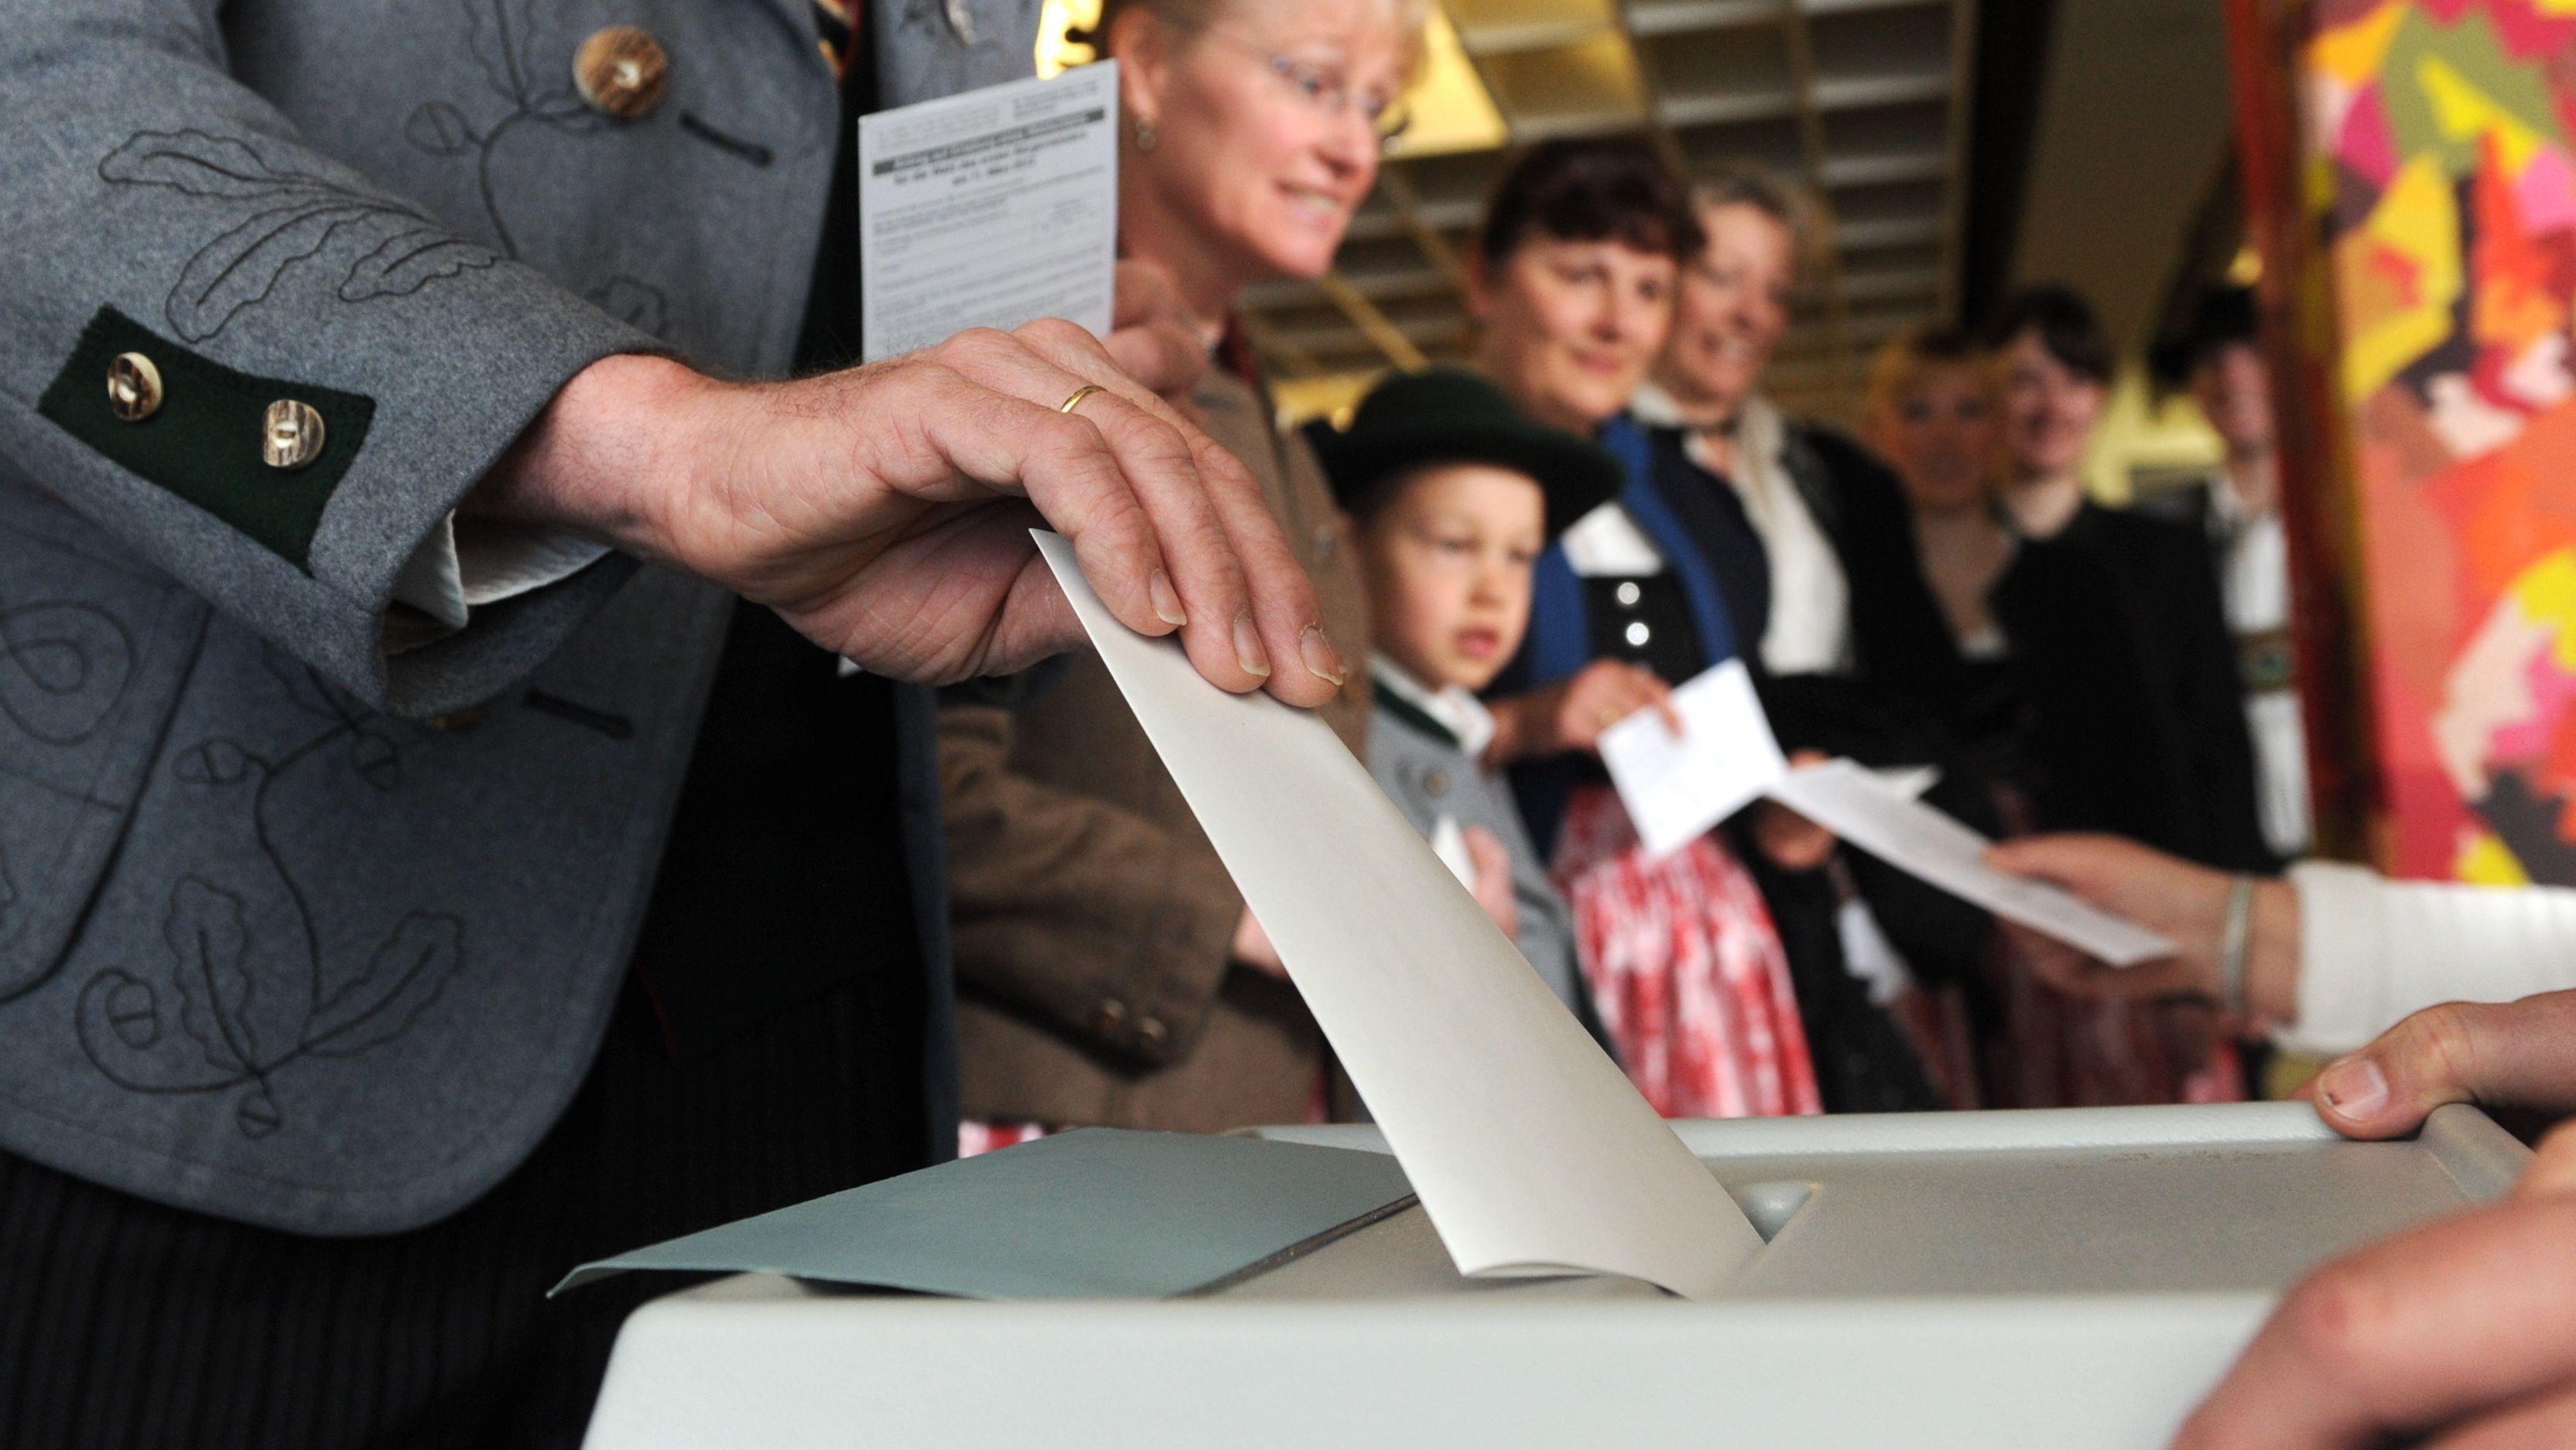 Archivbild: Ein Trachtler gibt bei einer Bürgermeisterwahl seine Stimme ab